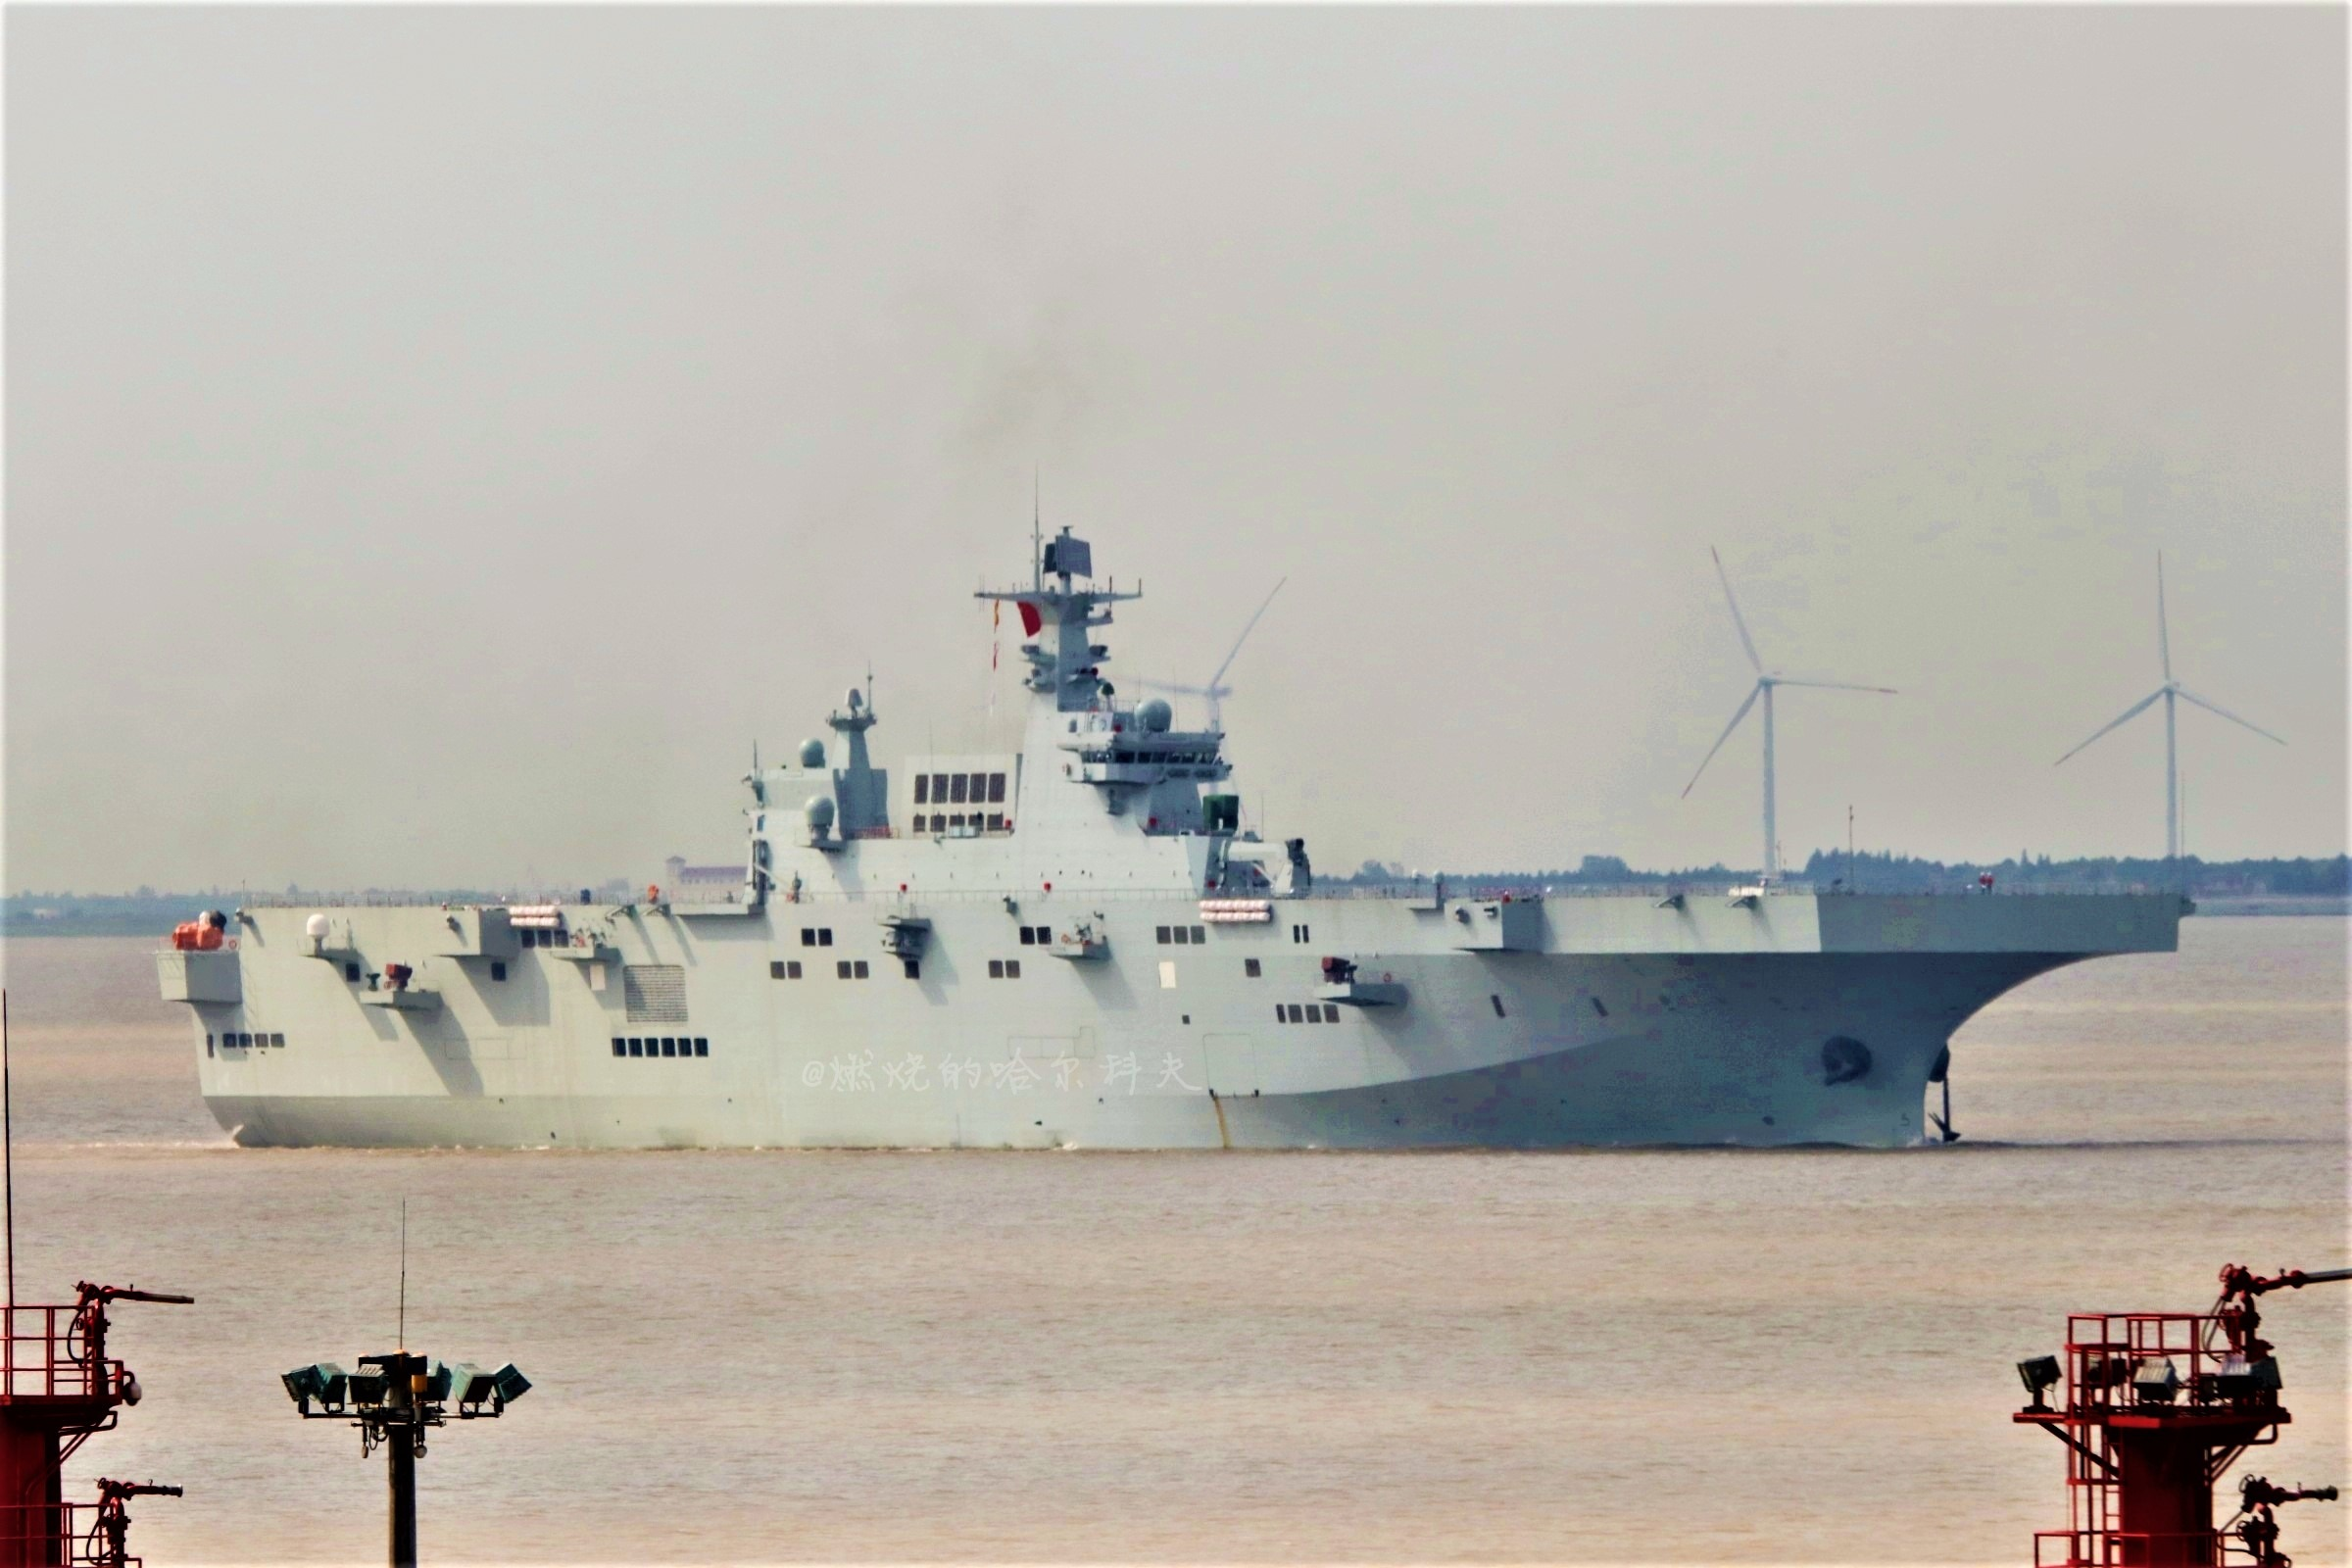 Type 075 amfibi hücum gemisi (LHD) - Çin